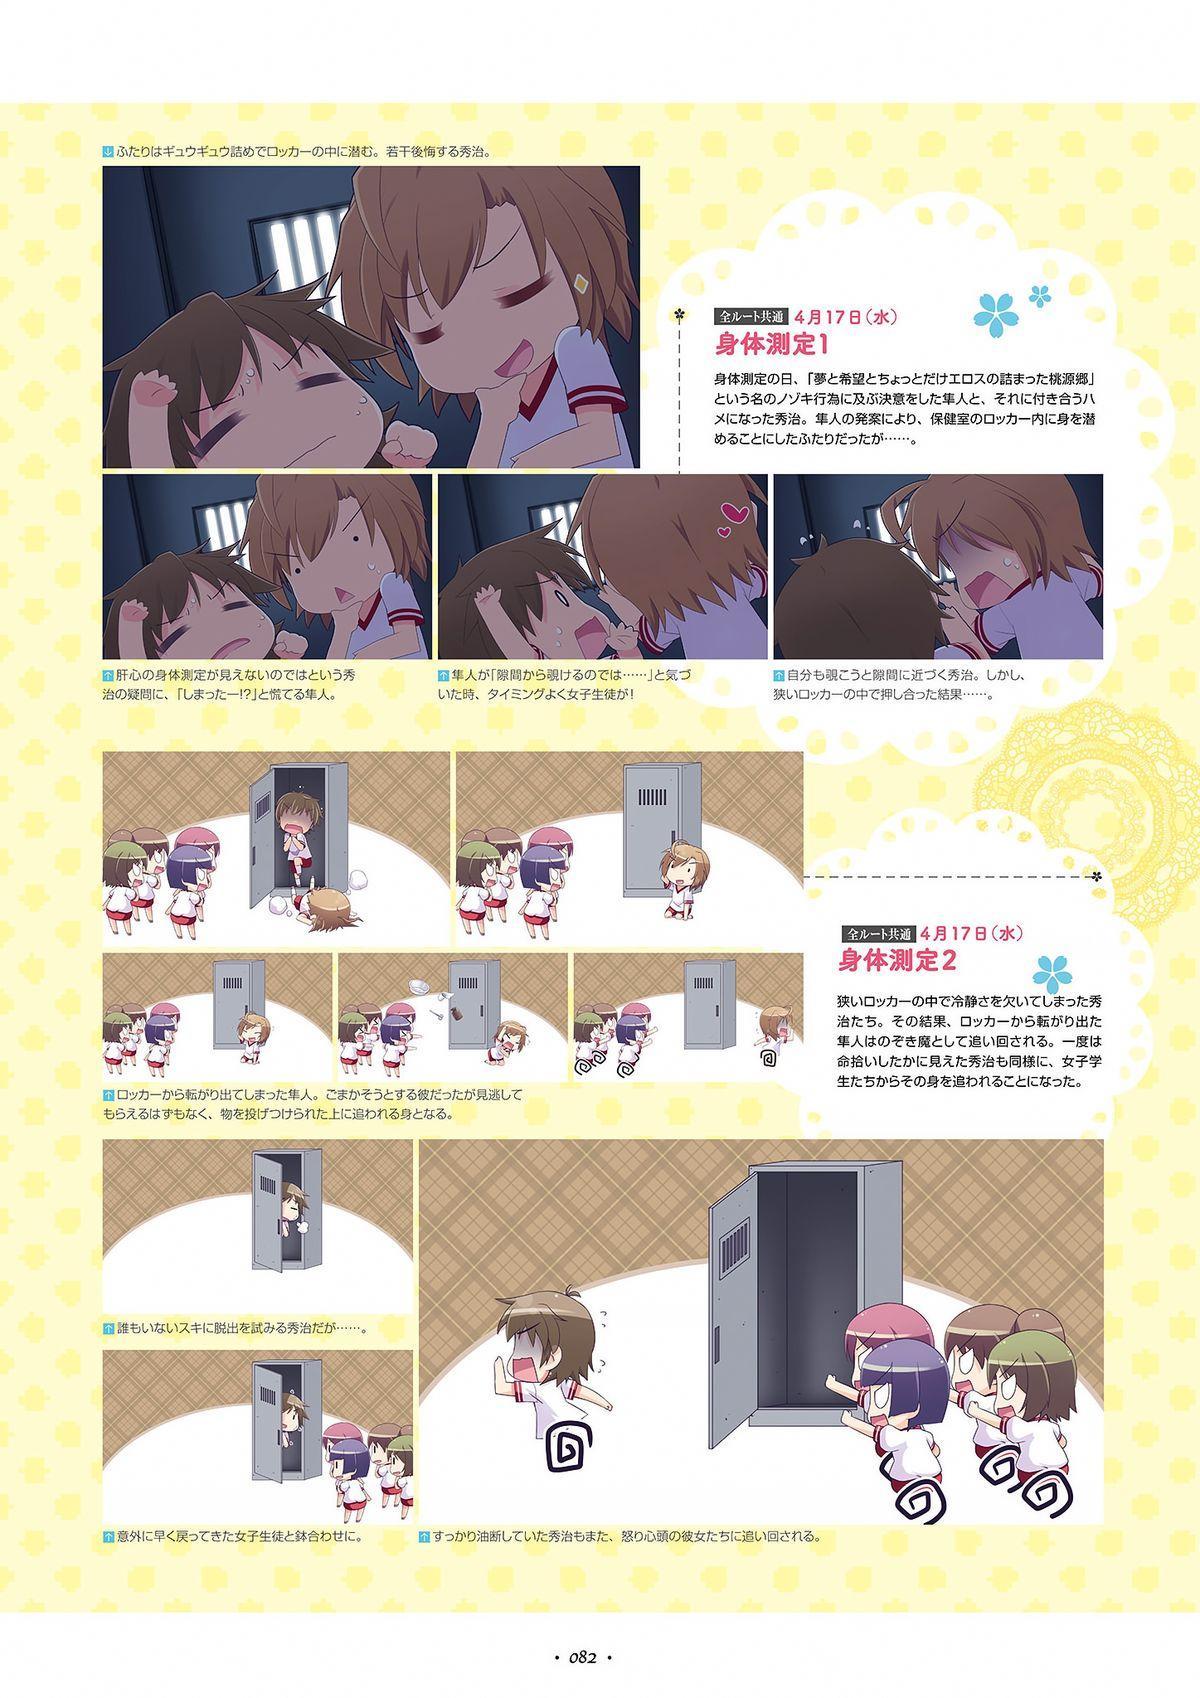 Shukufuku no Kane no Oto wa, Sakura-iro no Kaze to Tomo ni Visual Fanbook 83